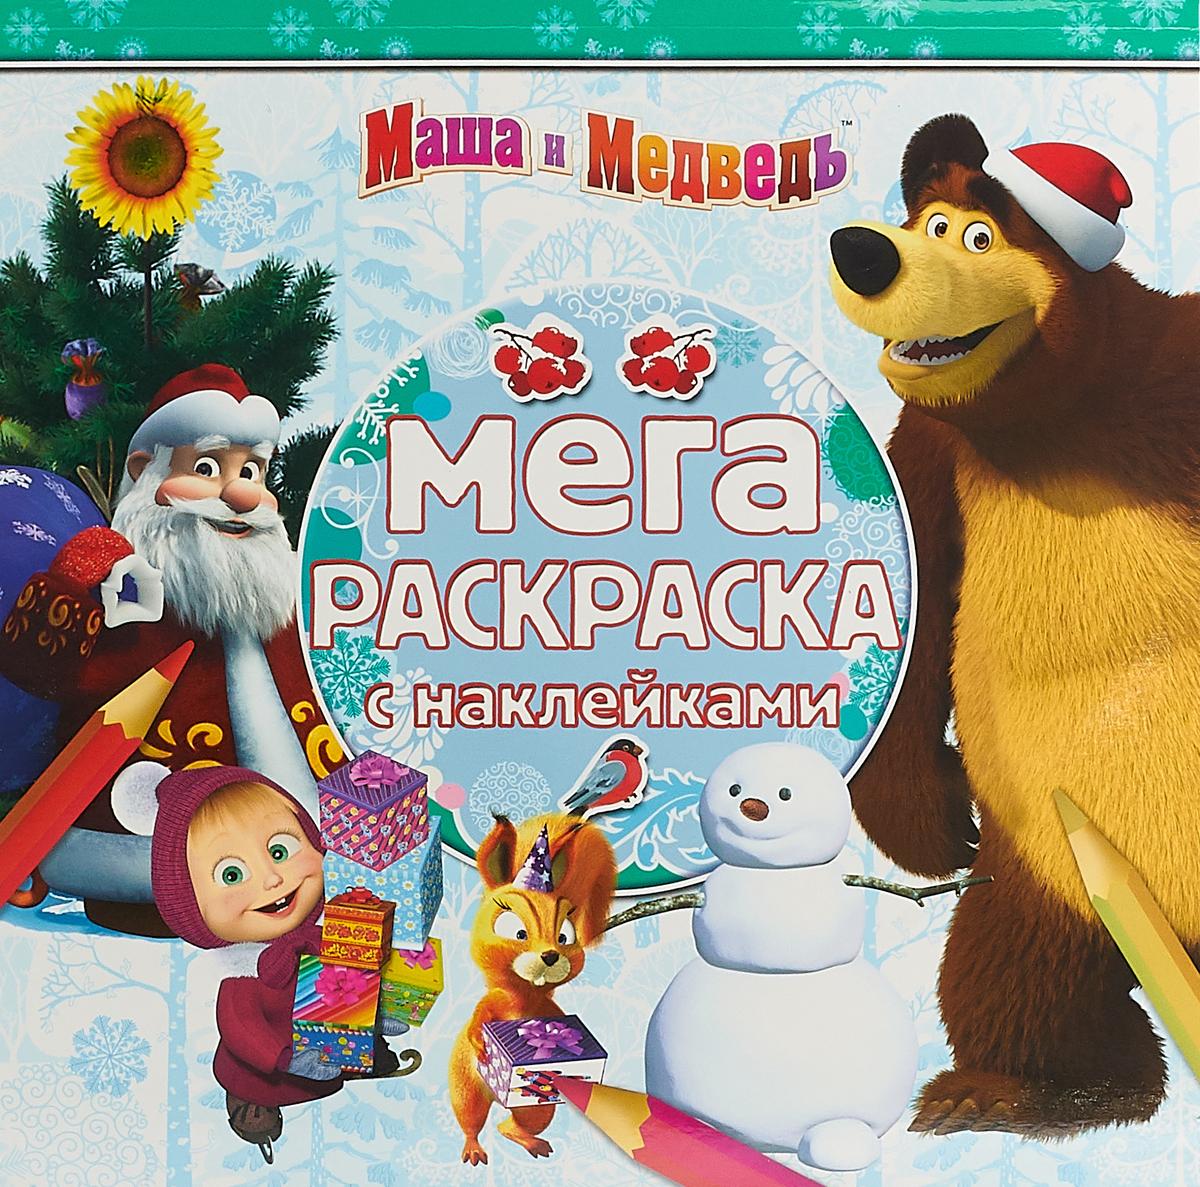 Маша и Медведь. Мега-раскраска с наклейками валерий кузьминов маша и медведь с картинками сказка нашего времени